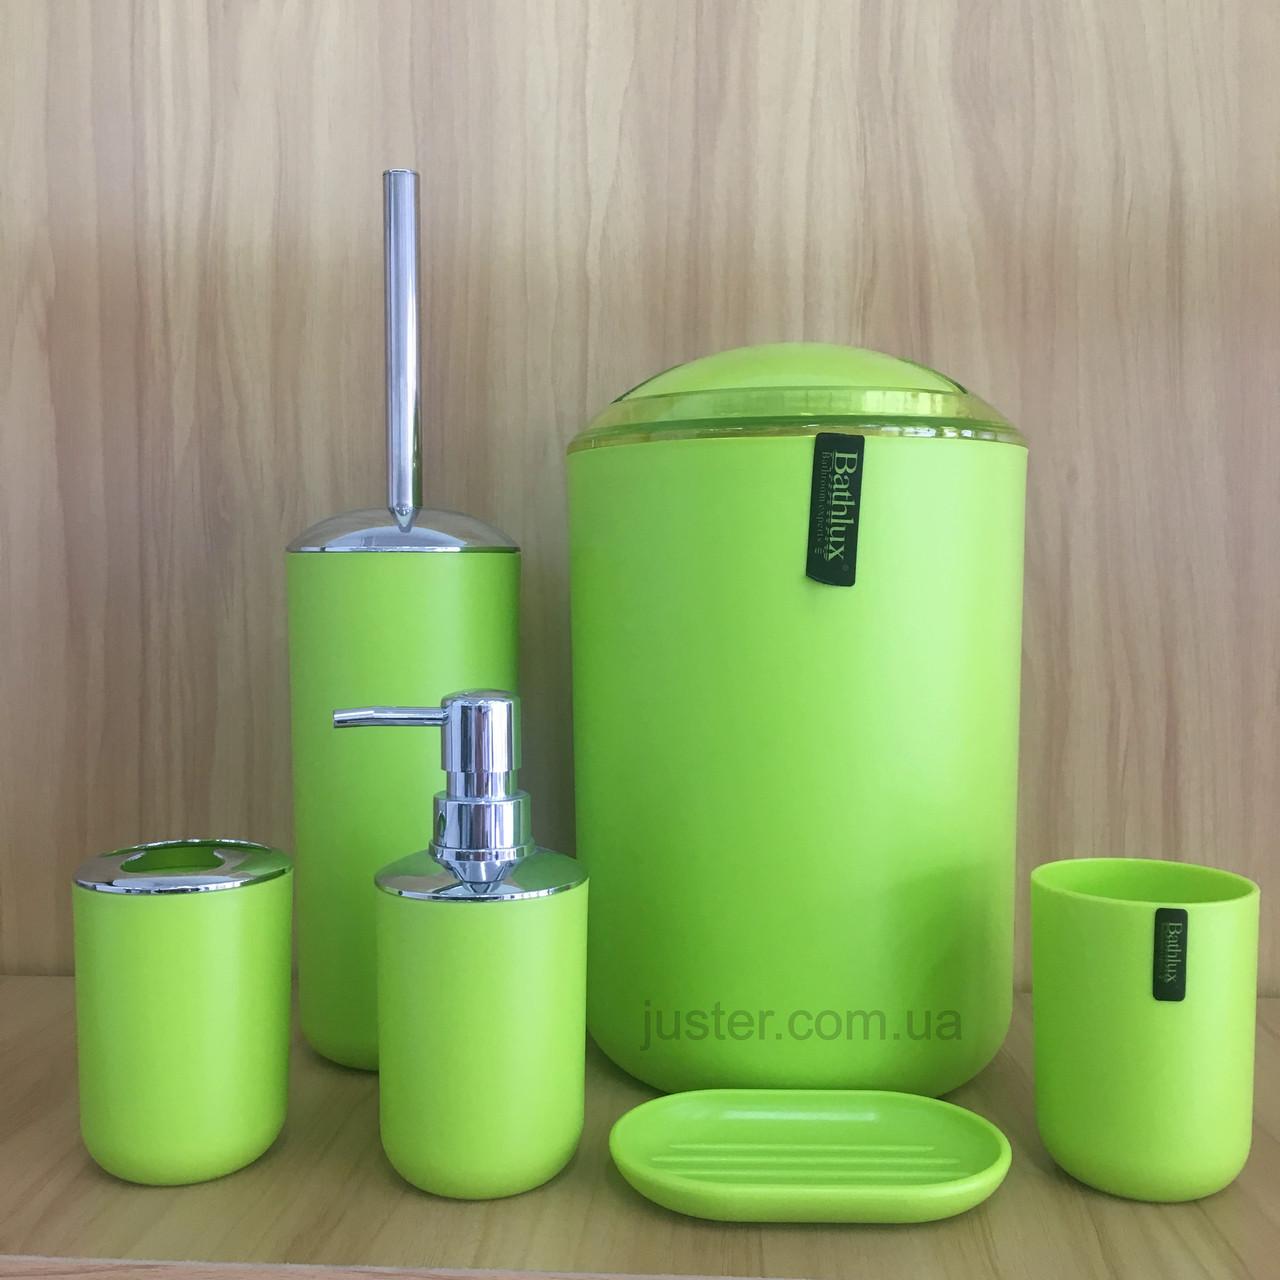 Набор аксессуаров для ванной комнаты Bathlux Green Mate на 6 предметов